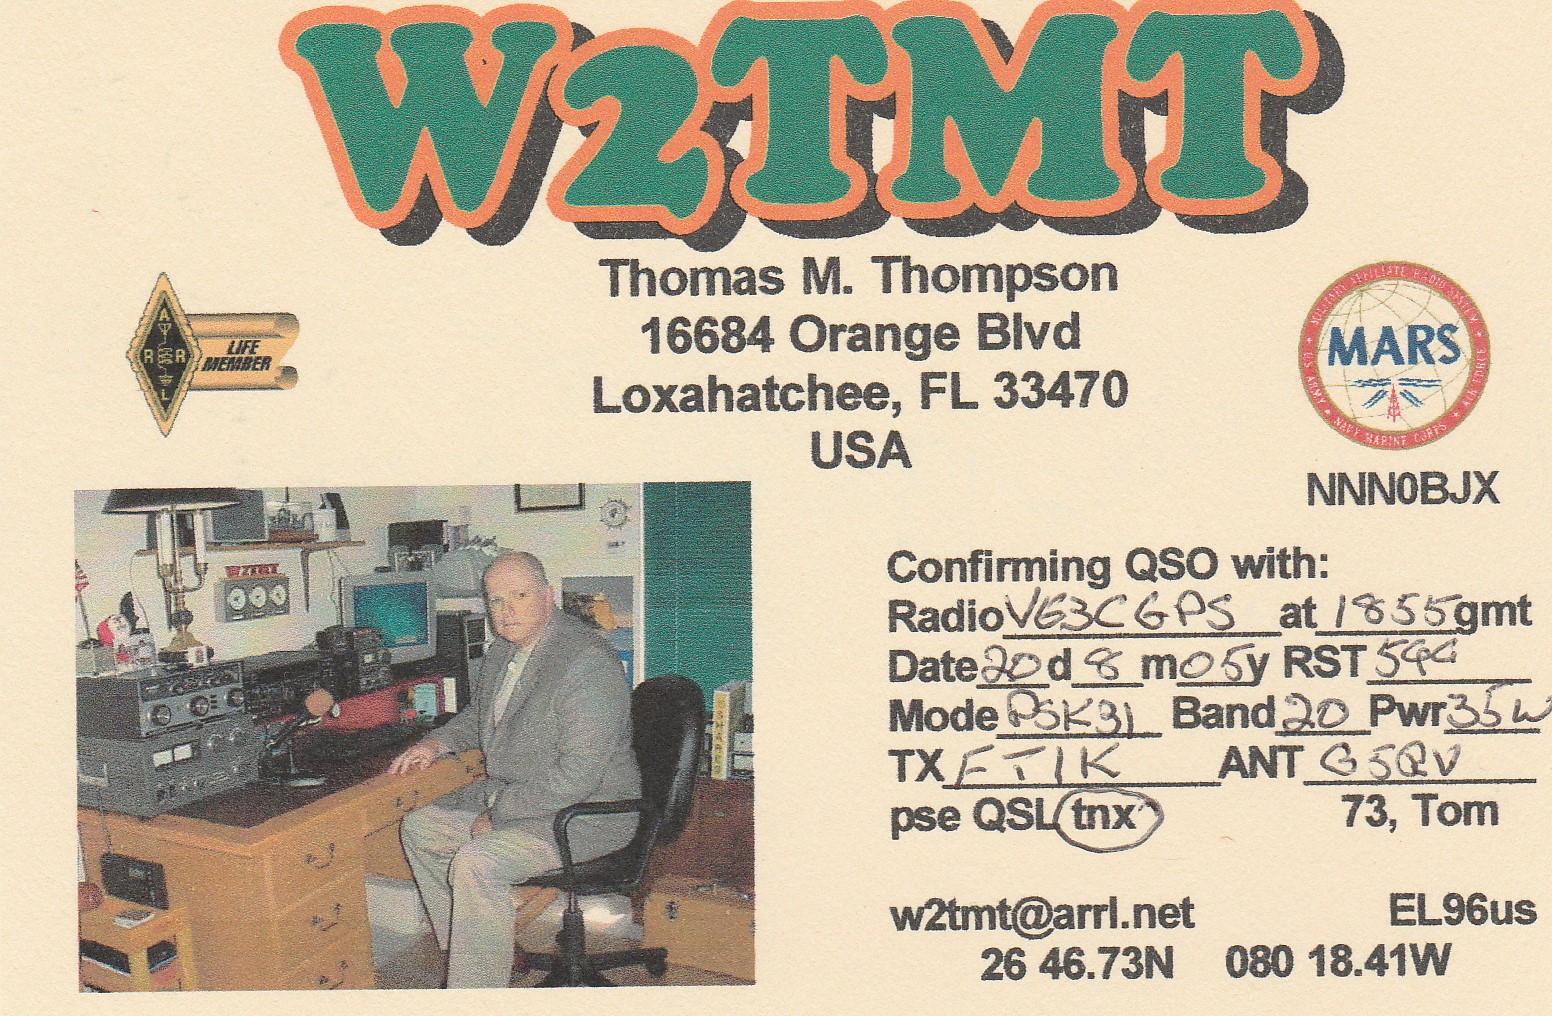 W2TMTfront